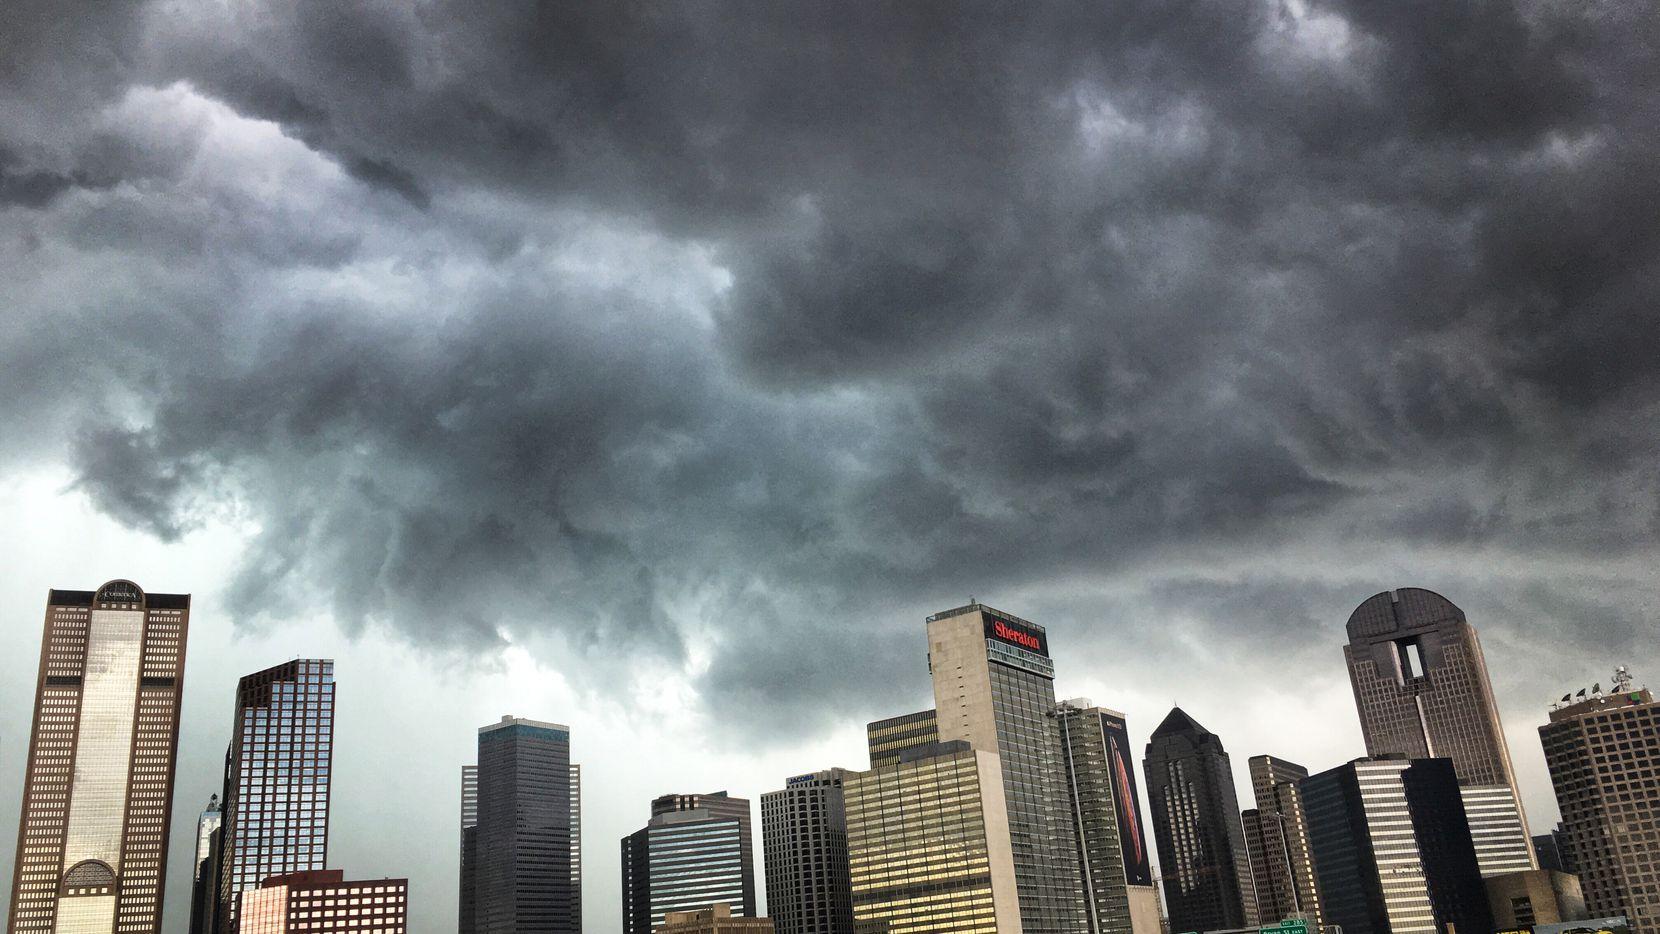 Nubes con amenaza de tormenta se forman en el centro de Dallas.